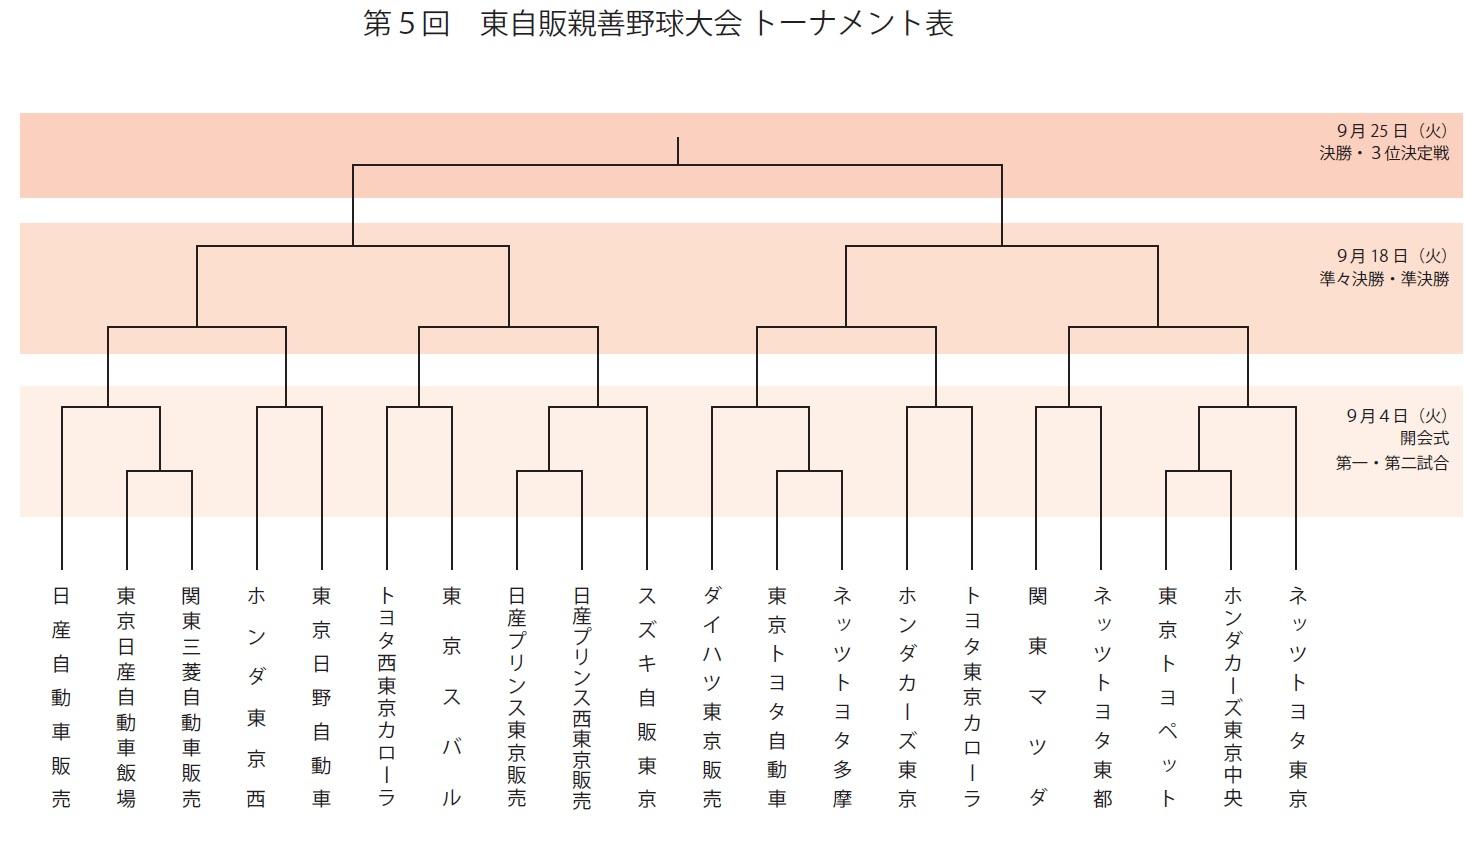 東京自動車販売協会、親善野球大会の組合せ決定